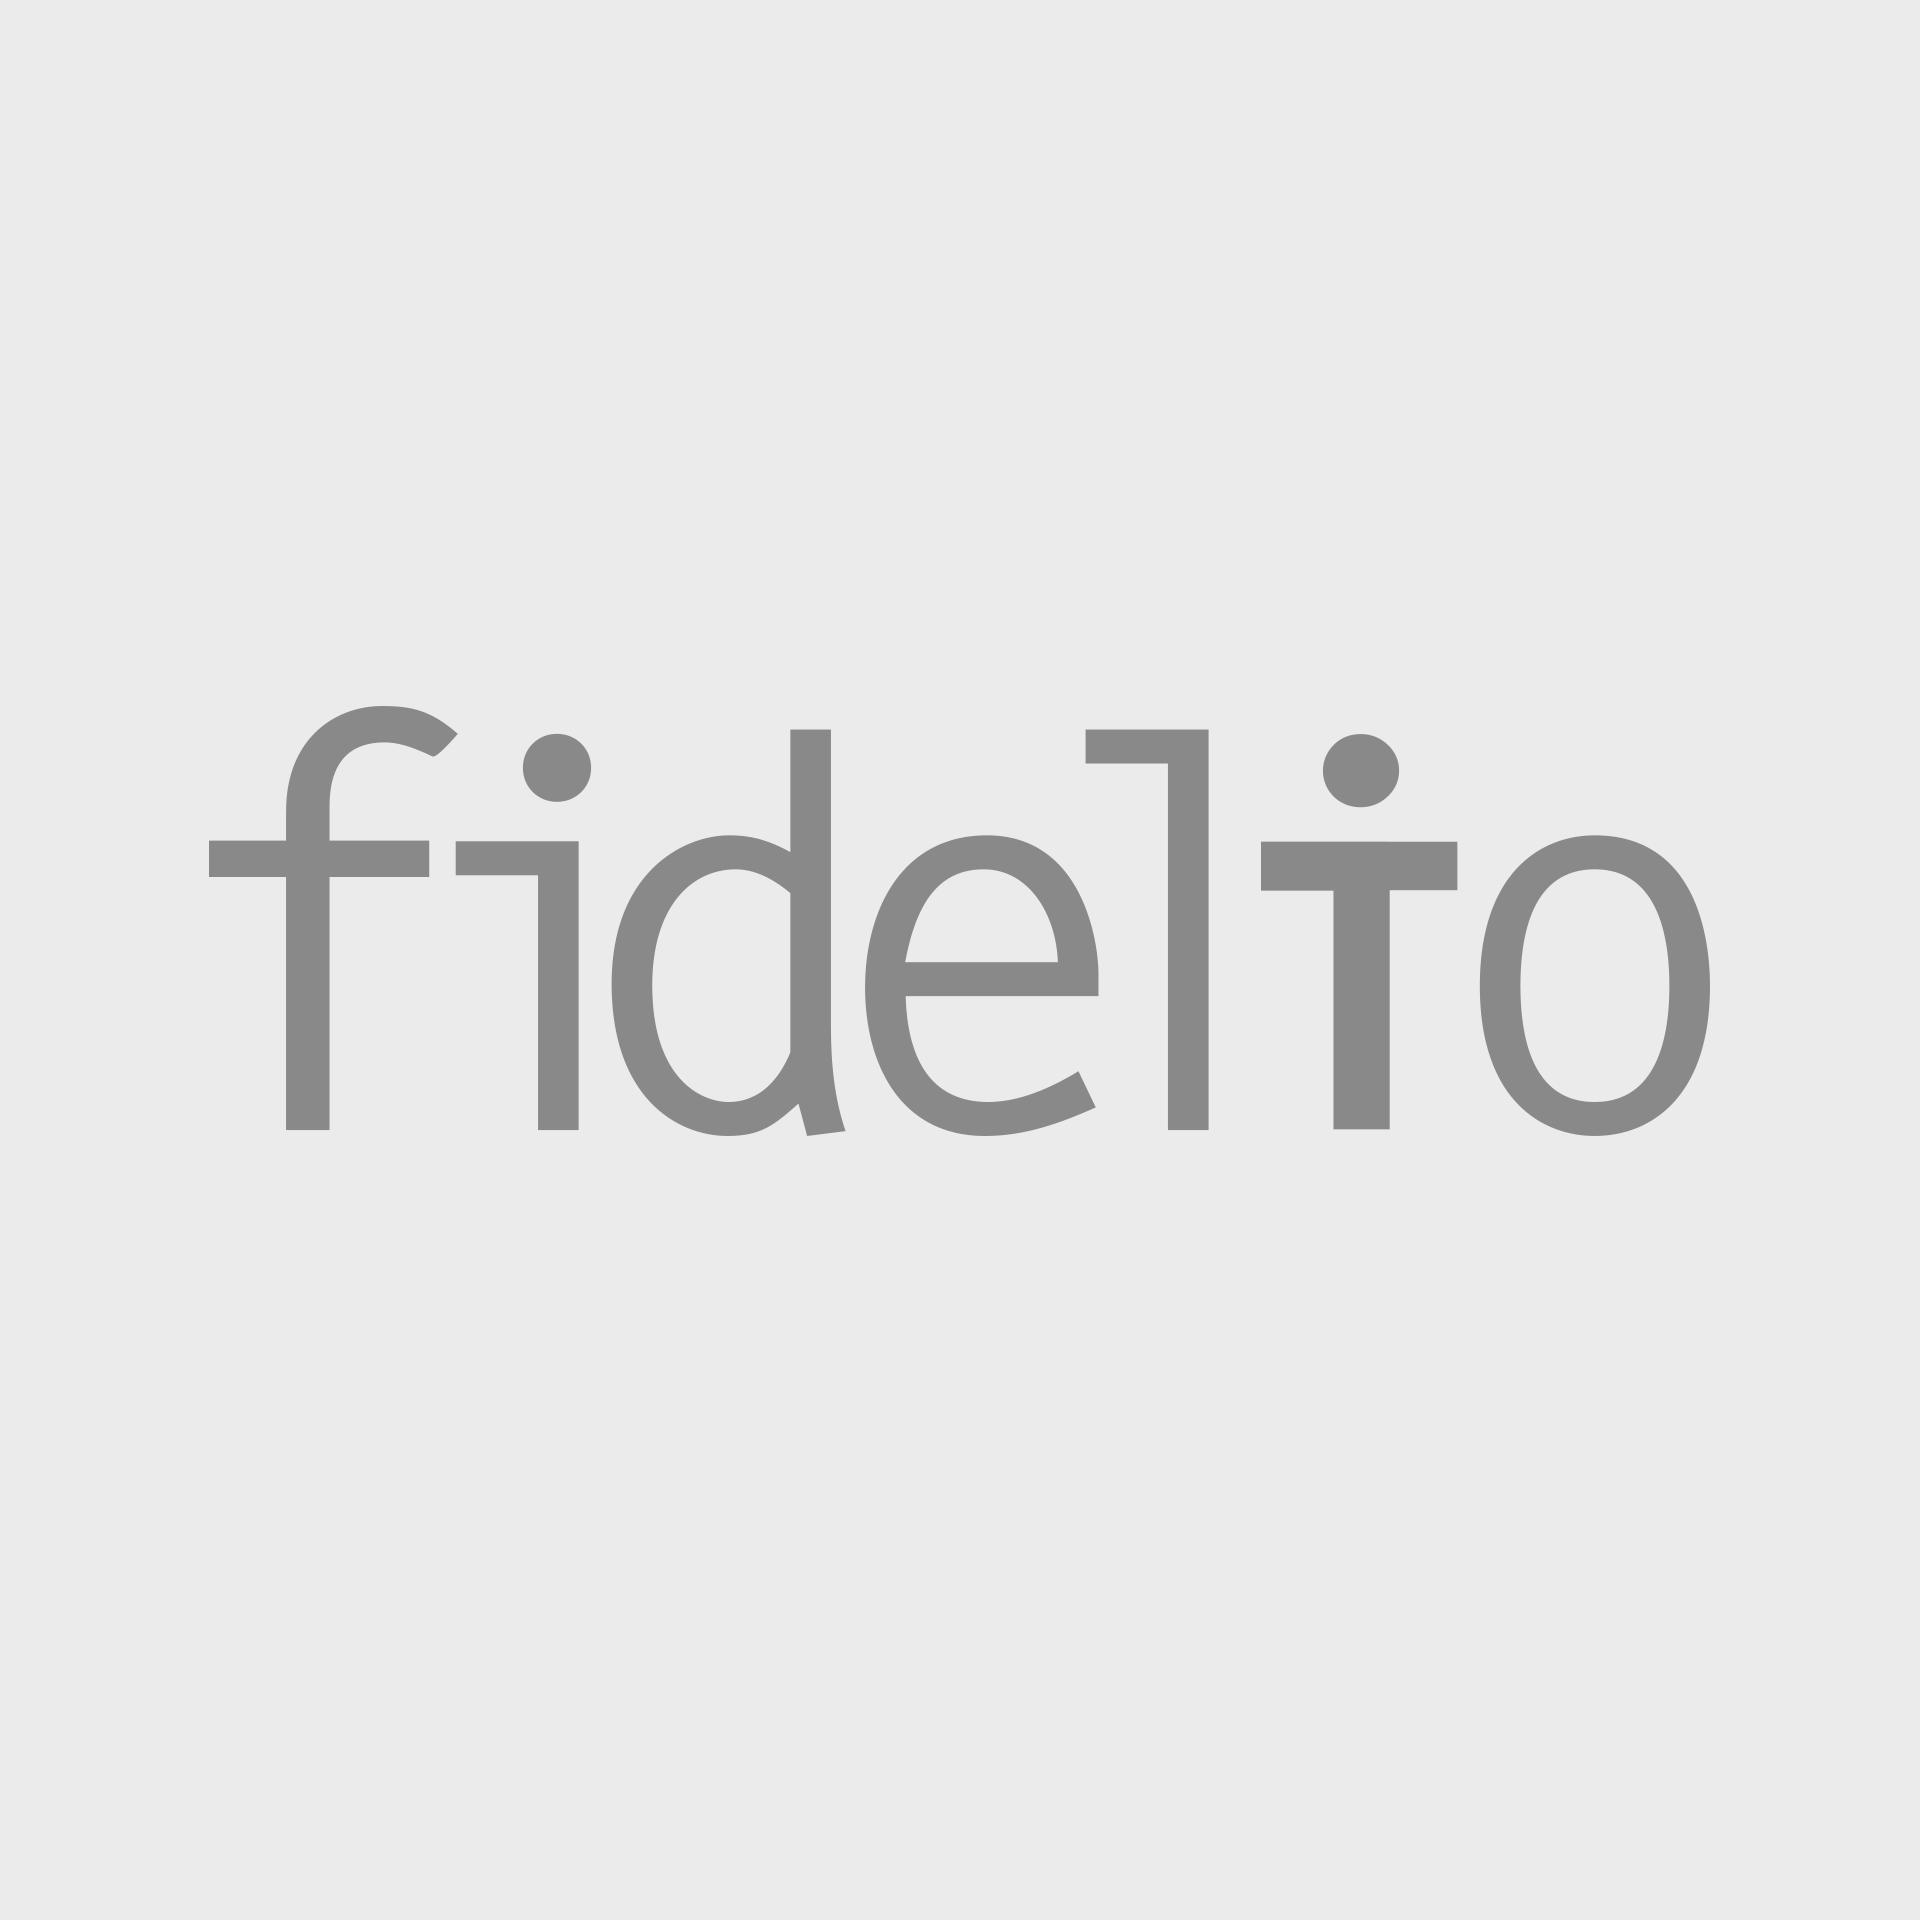 fidelio_julius_169-115235.jpg